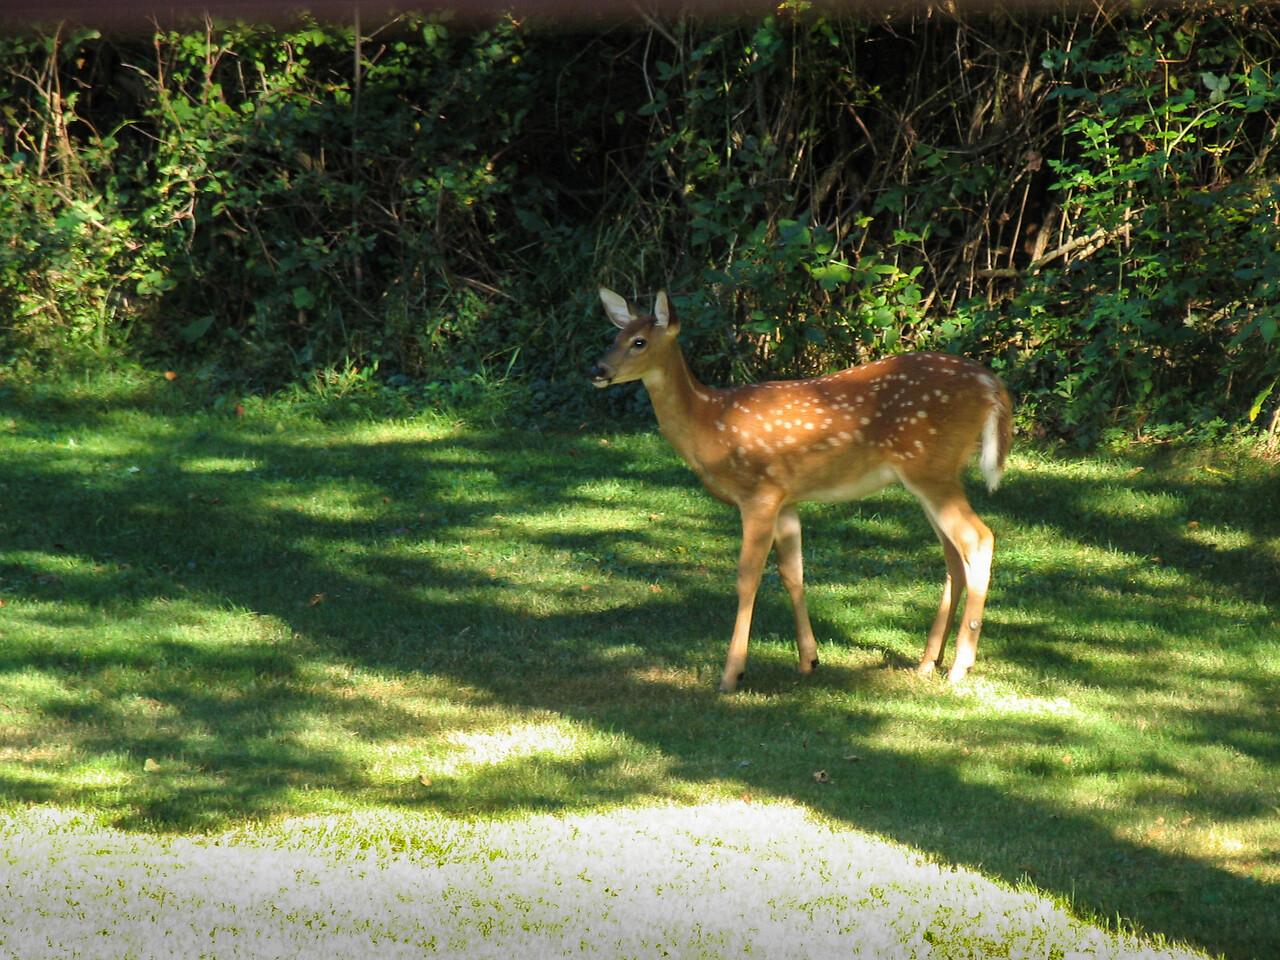 Backyard visitor - September 2005